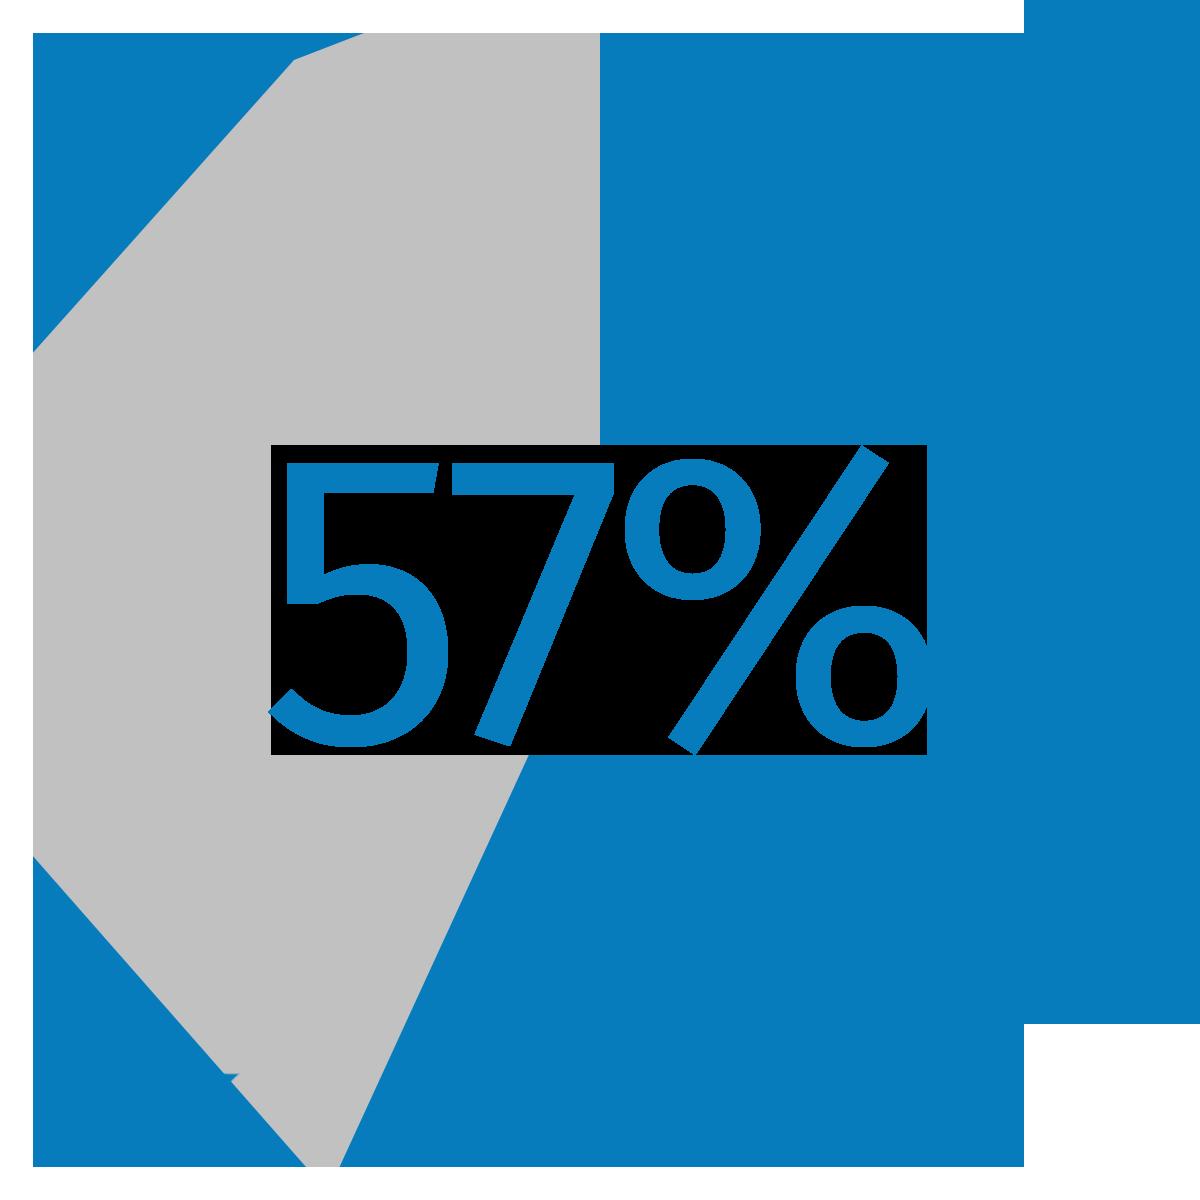 Percentage pie showing 57%